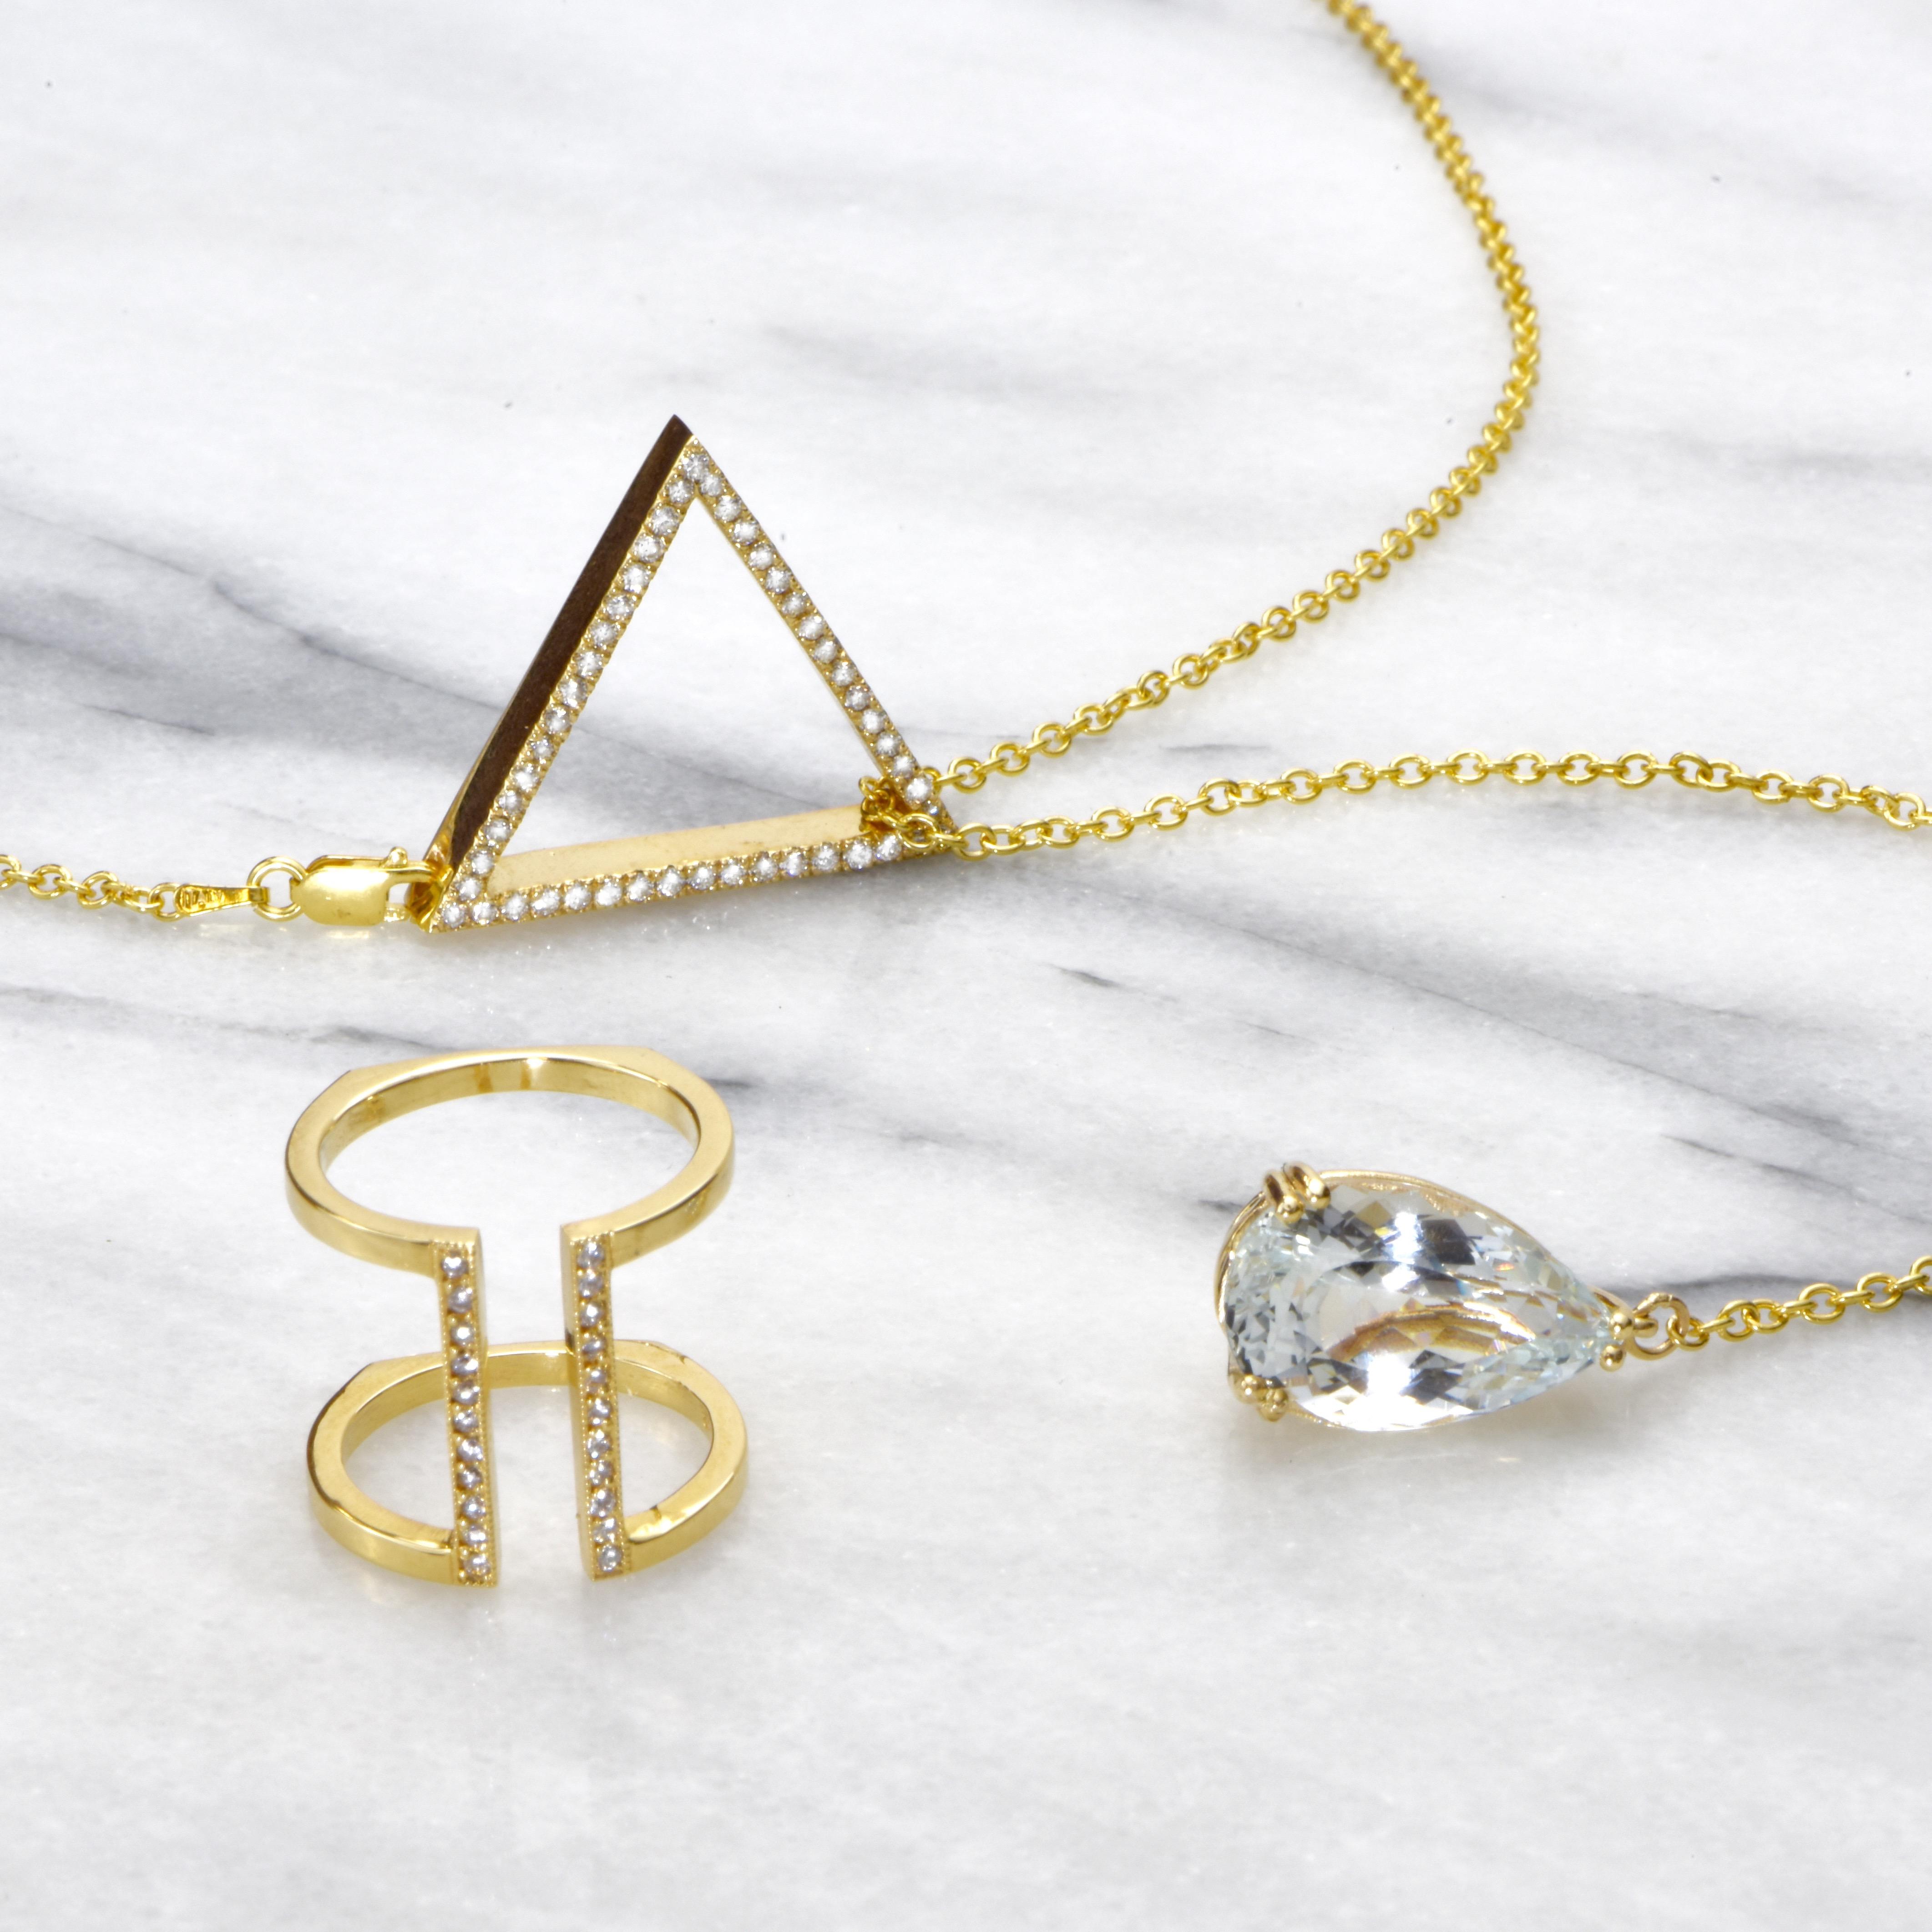 Aquamarine lariet necklace